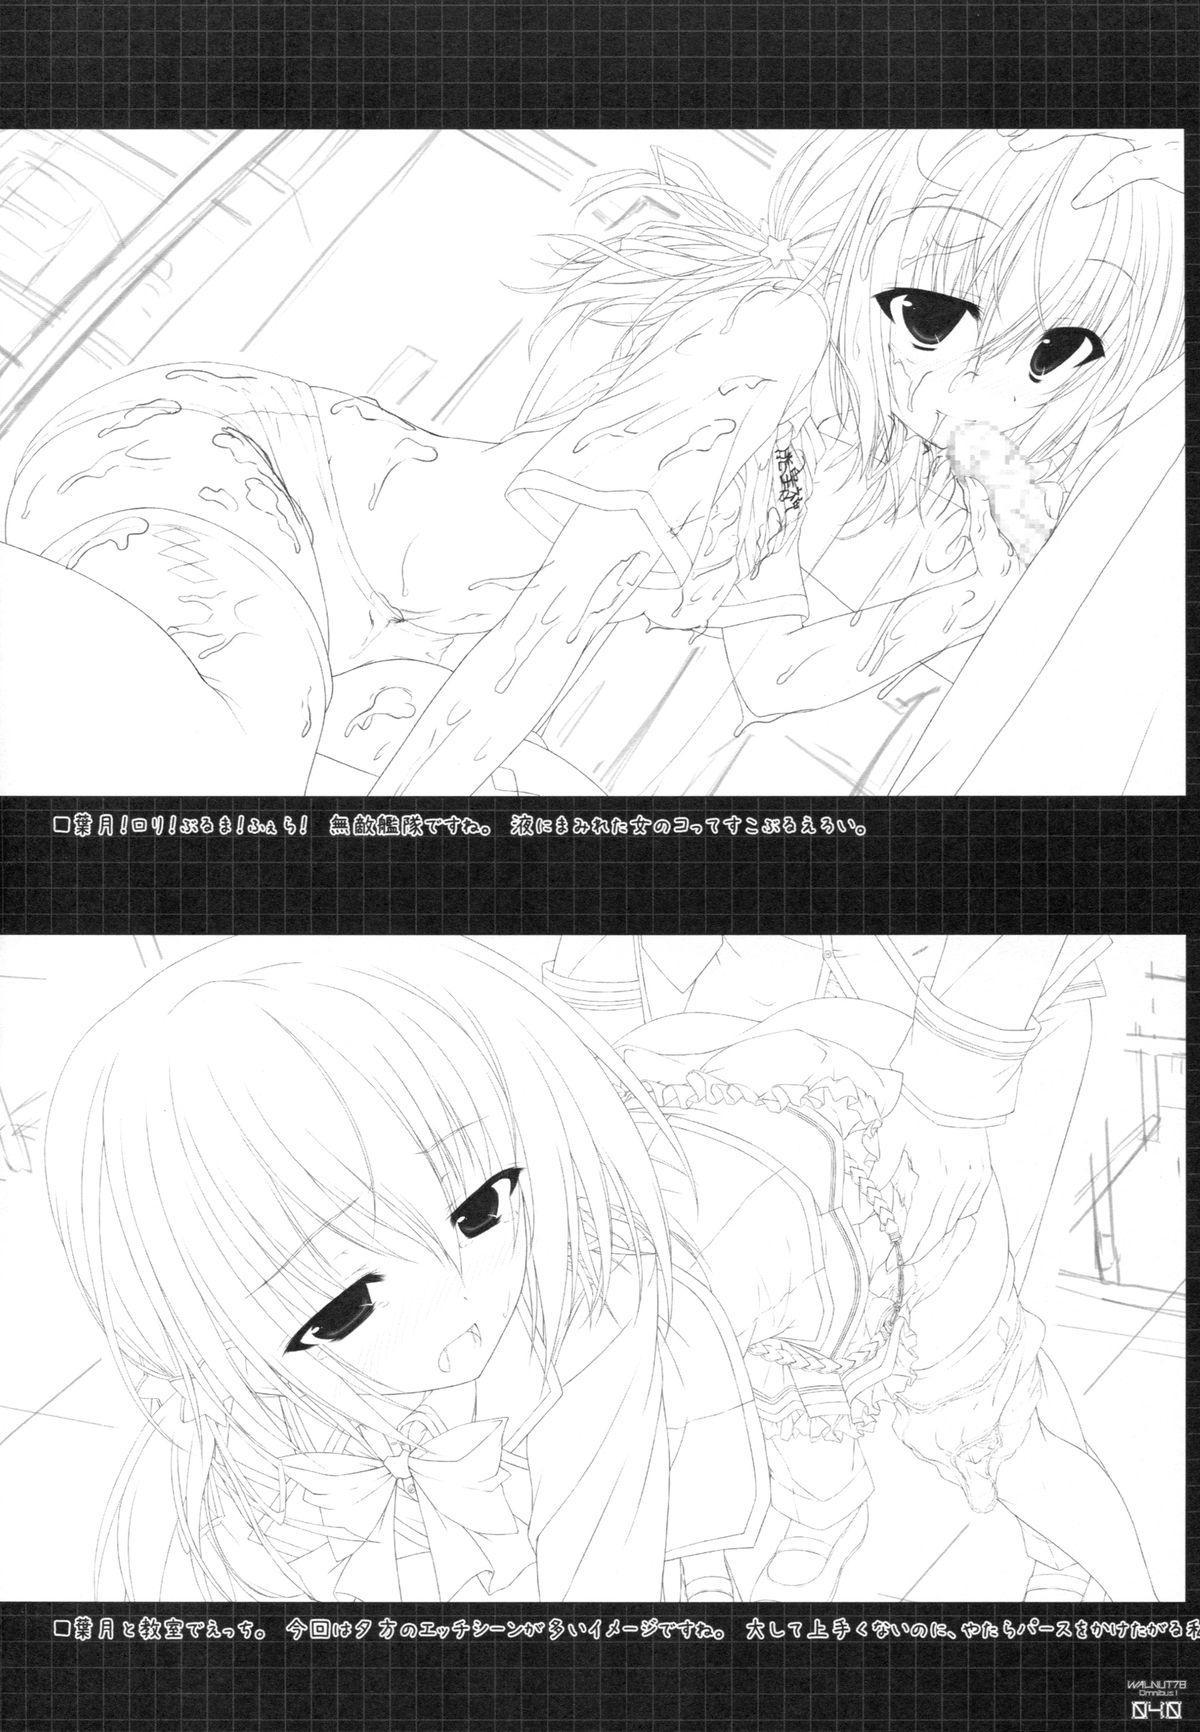 (C89) [Sui-en (Sui-en)] WALNUT78 Omnibus 1 -Suien-en Illustrations 2012-2014- (Various) 37